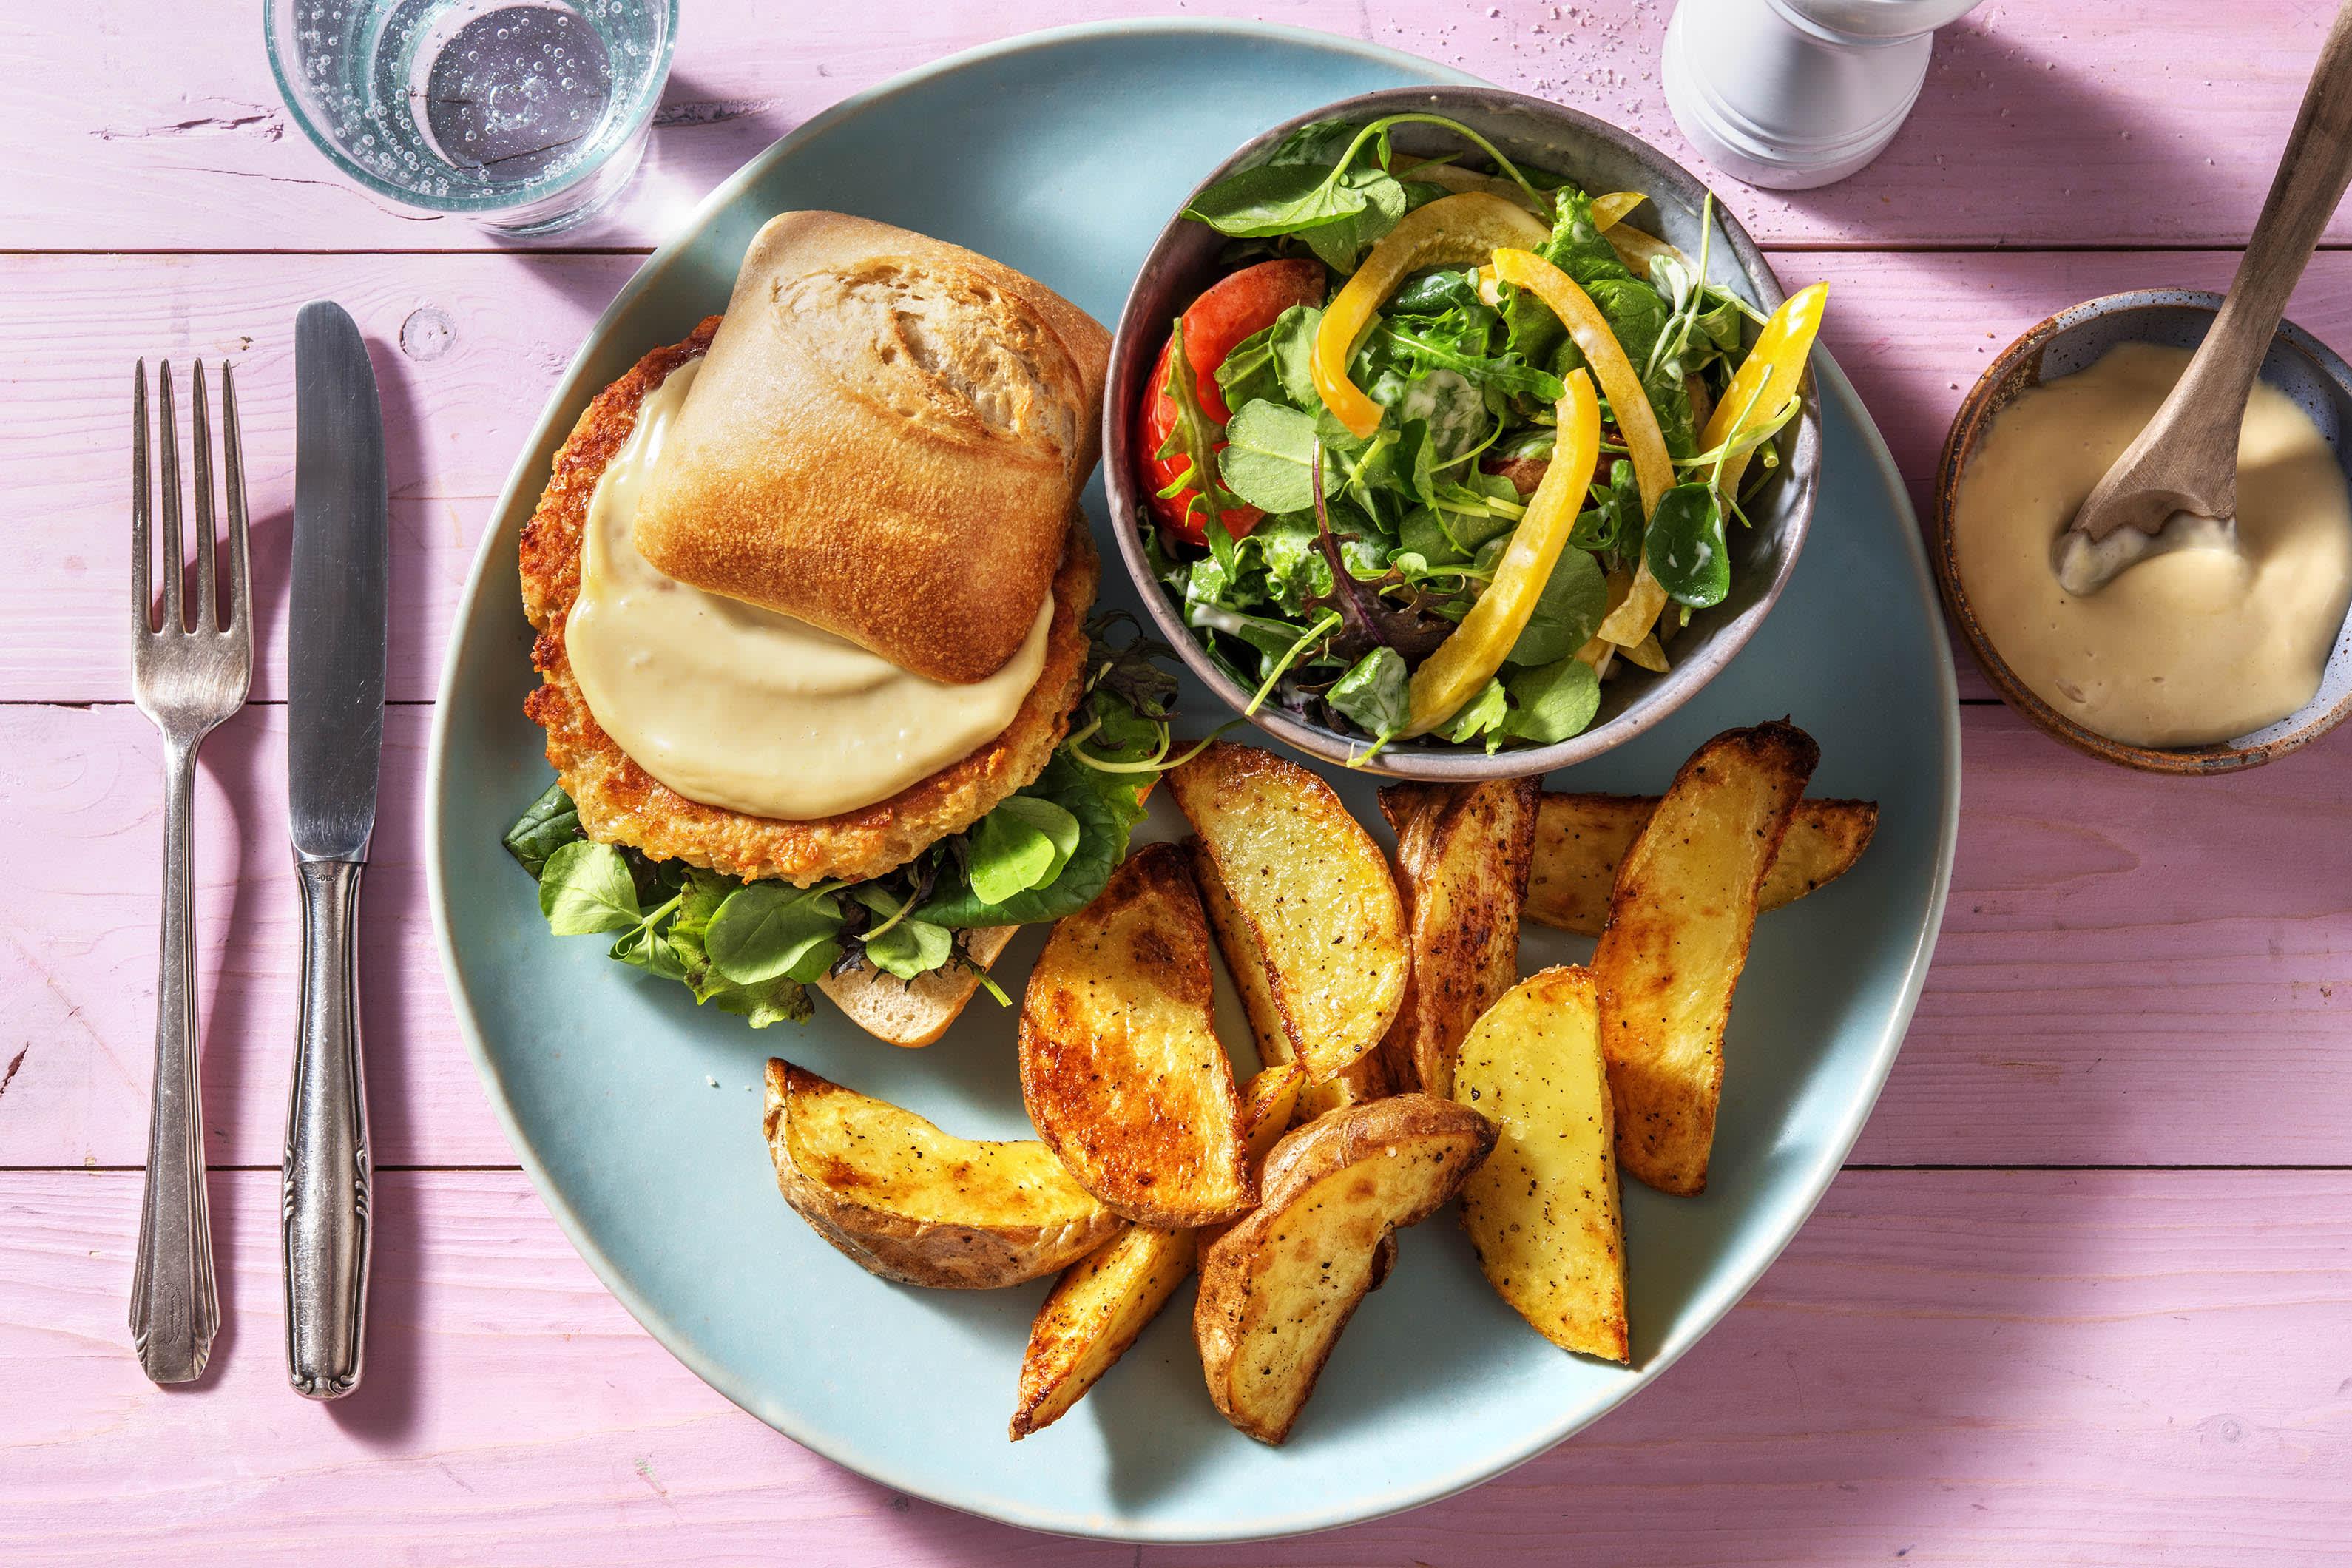 Burger végétarien Boekoeloekoe et omelette